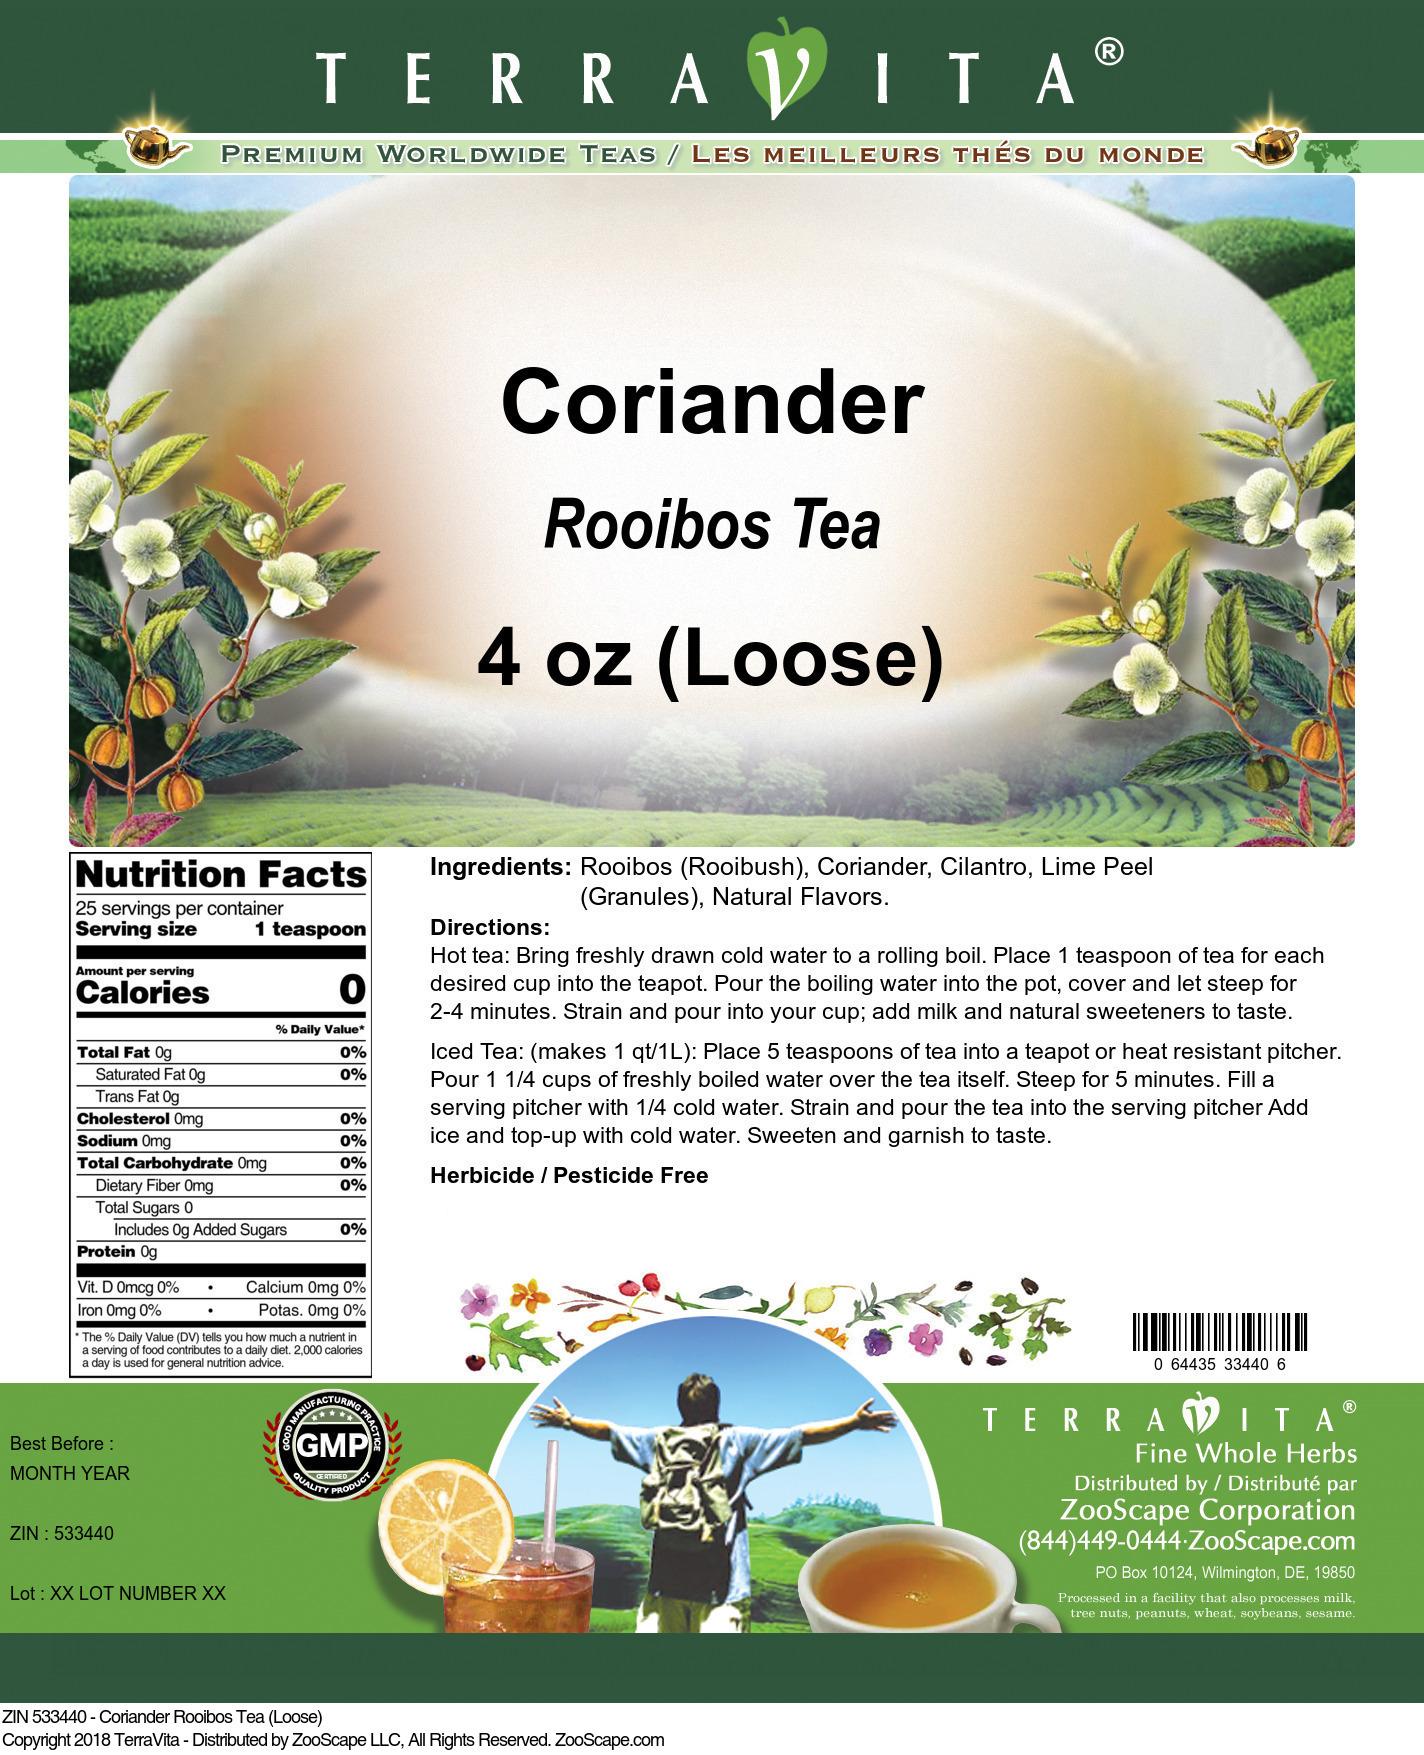 Coriander Rooibos Tea (Loose)